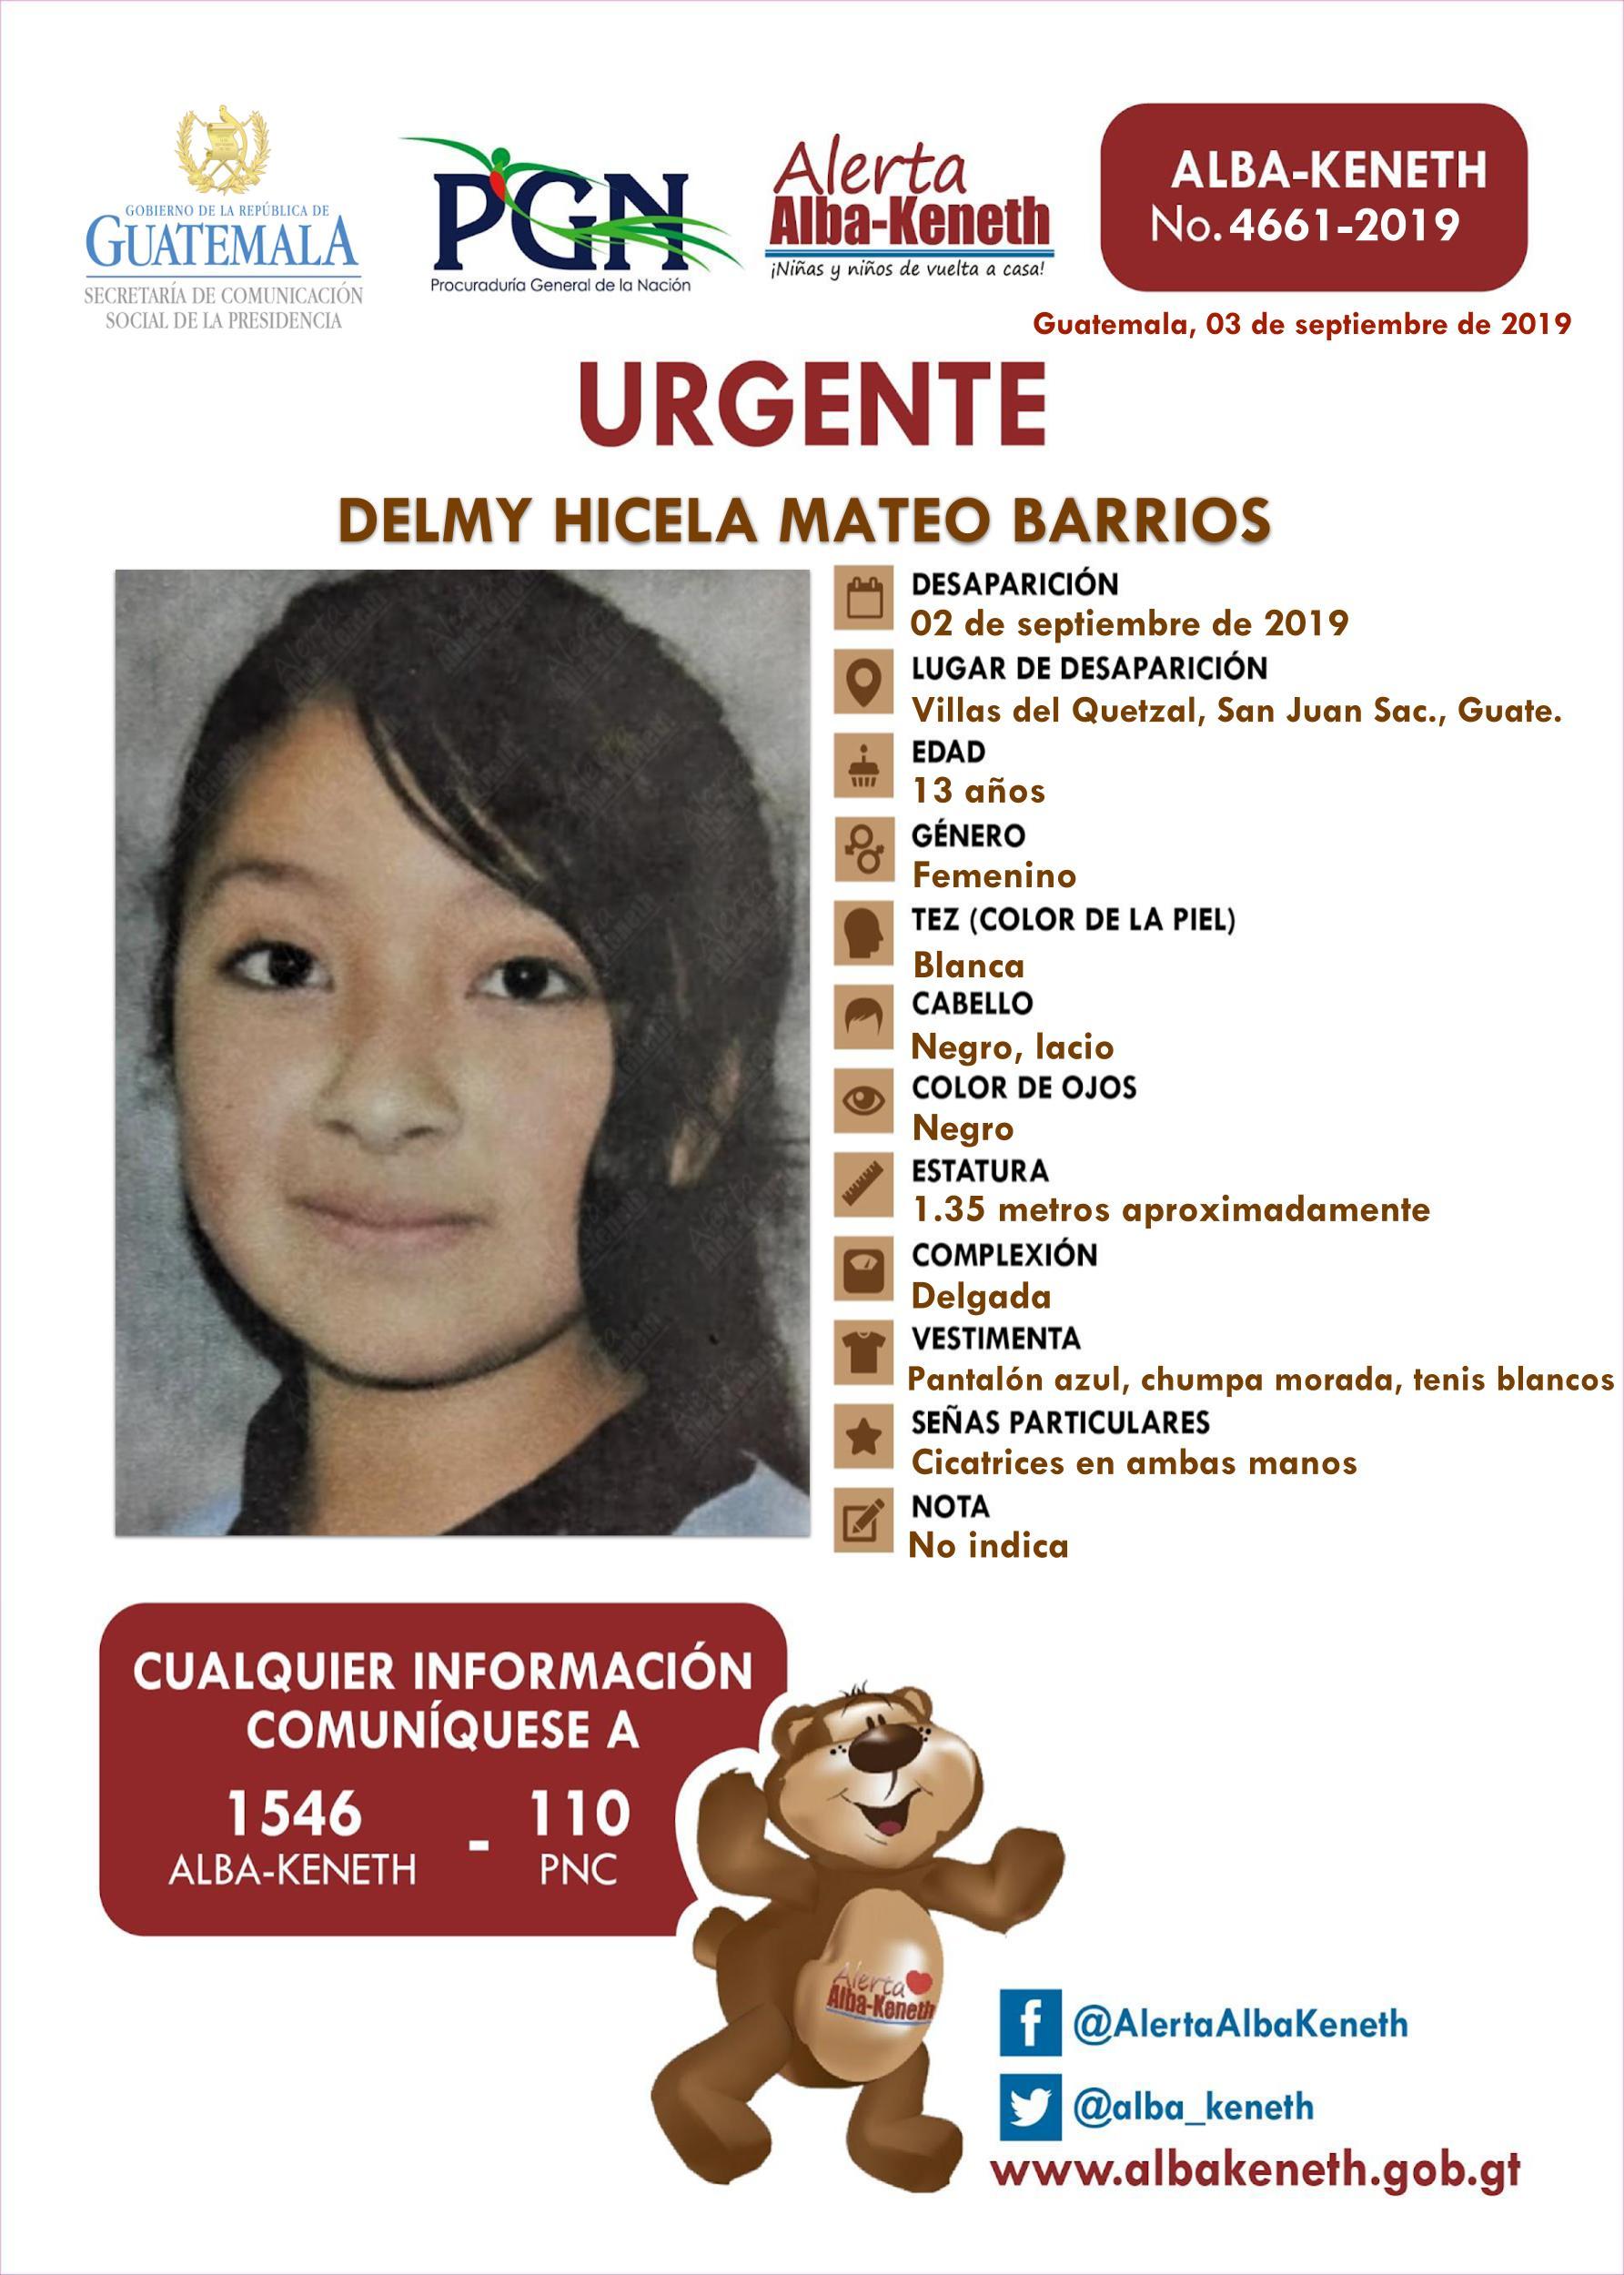 Delmy Hicela Mateo Barrios